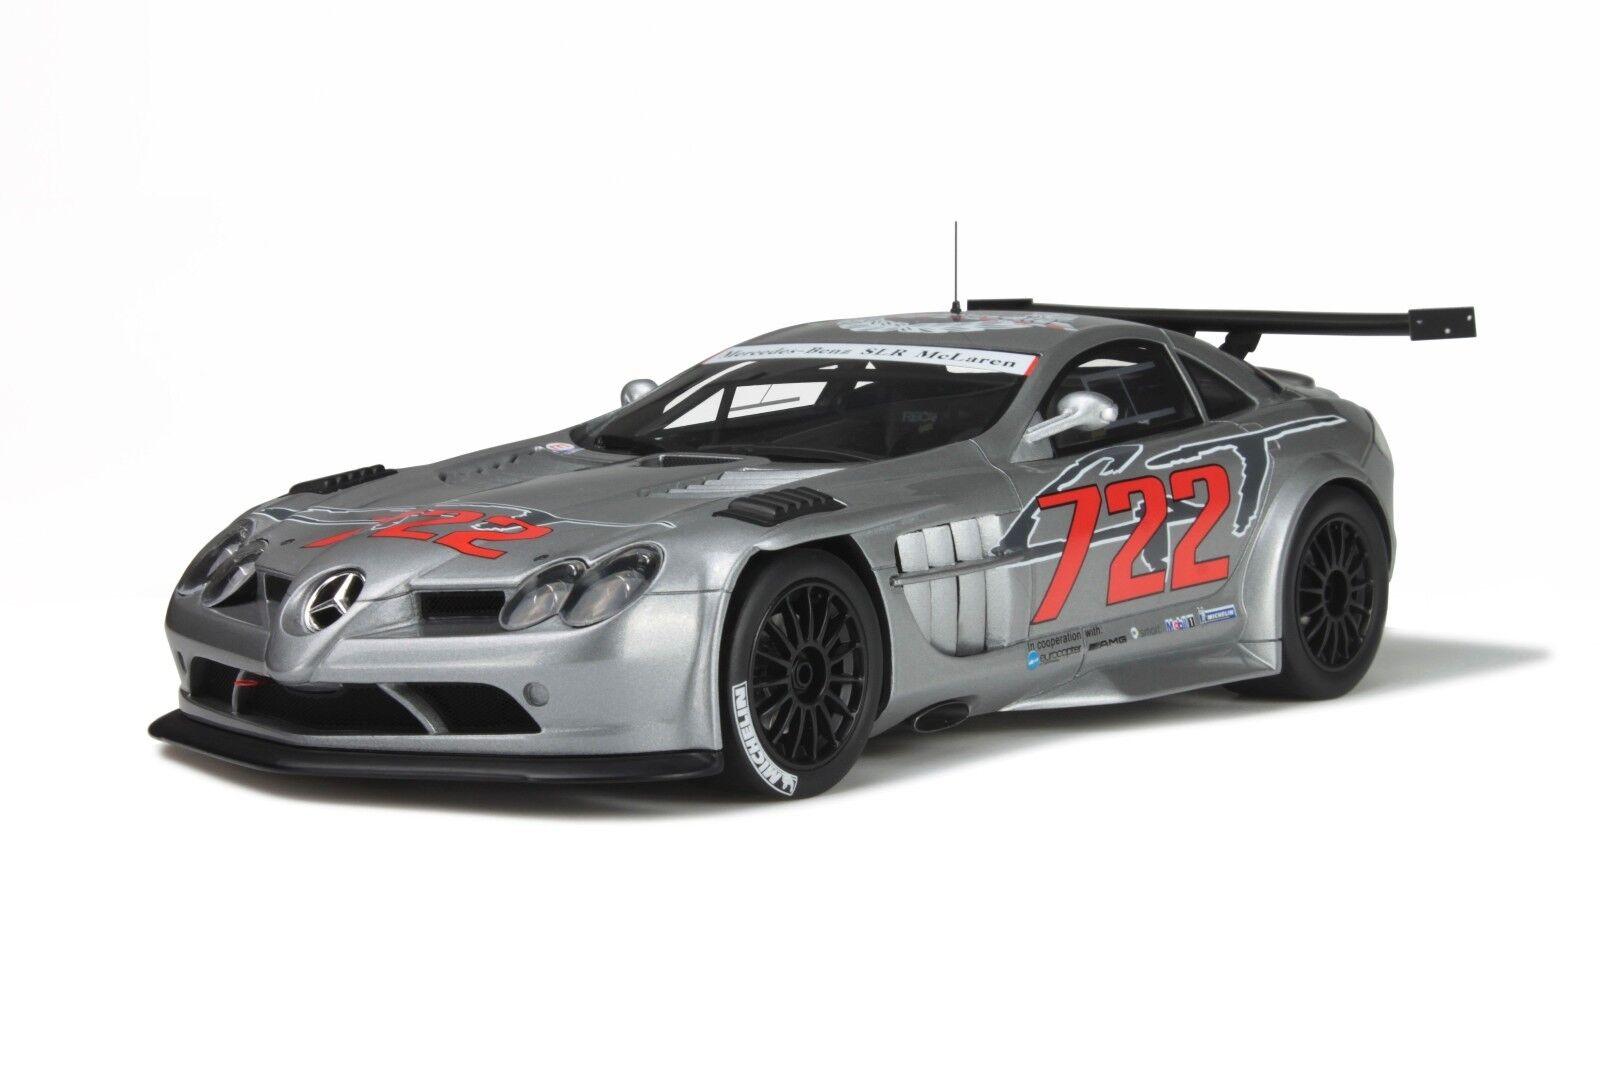 Mercedes-Benz SLR McLaren 722 GT  NOUVEAU  GT Spirit Spirit Spirit  1:18 | Au Premier Rang Parmi Les Produits Similaires  | Merveilleux  | Fabrication Habile  c669ed